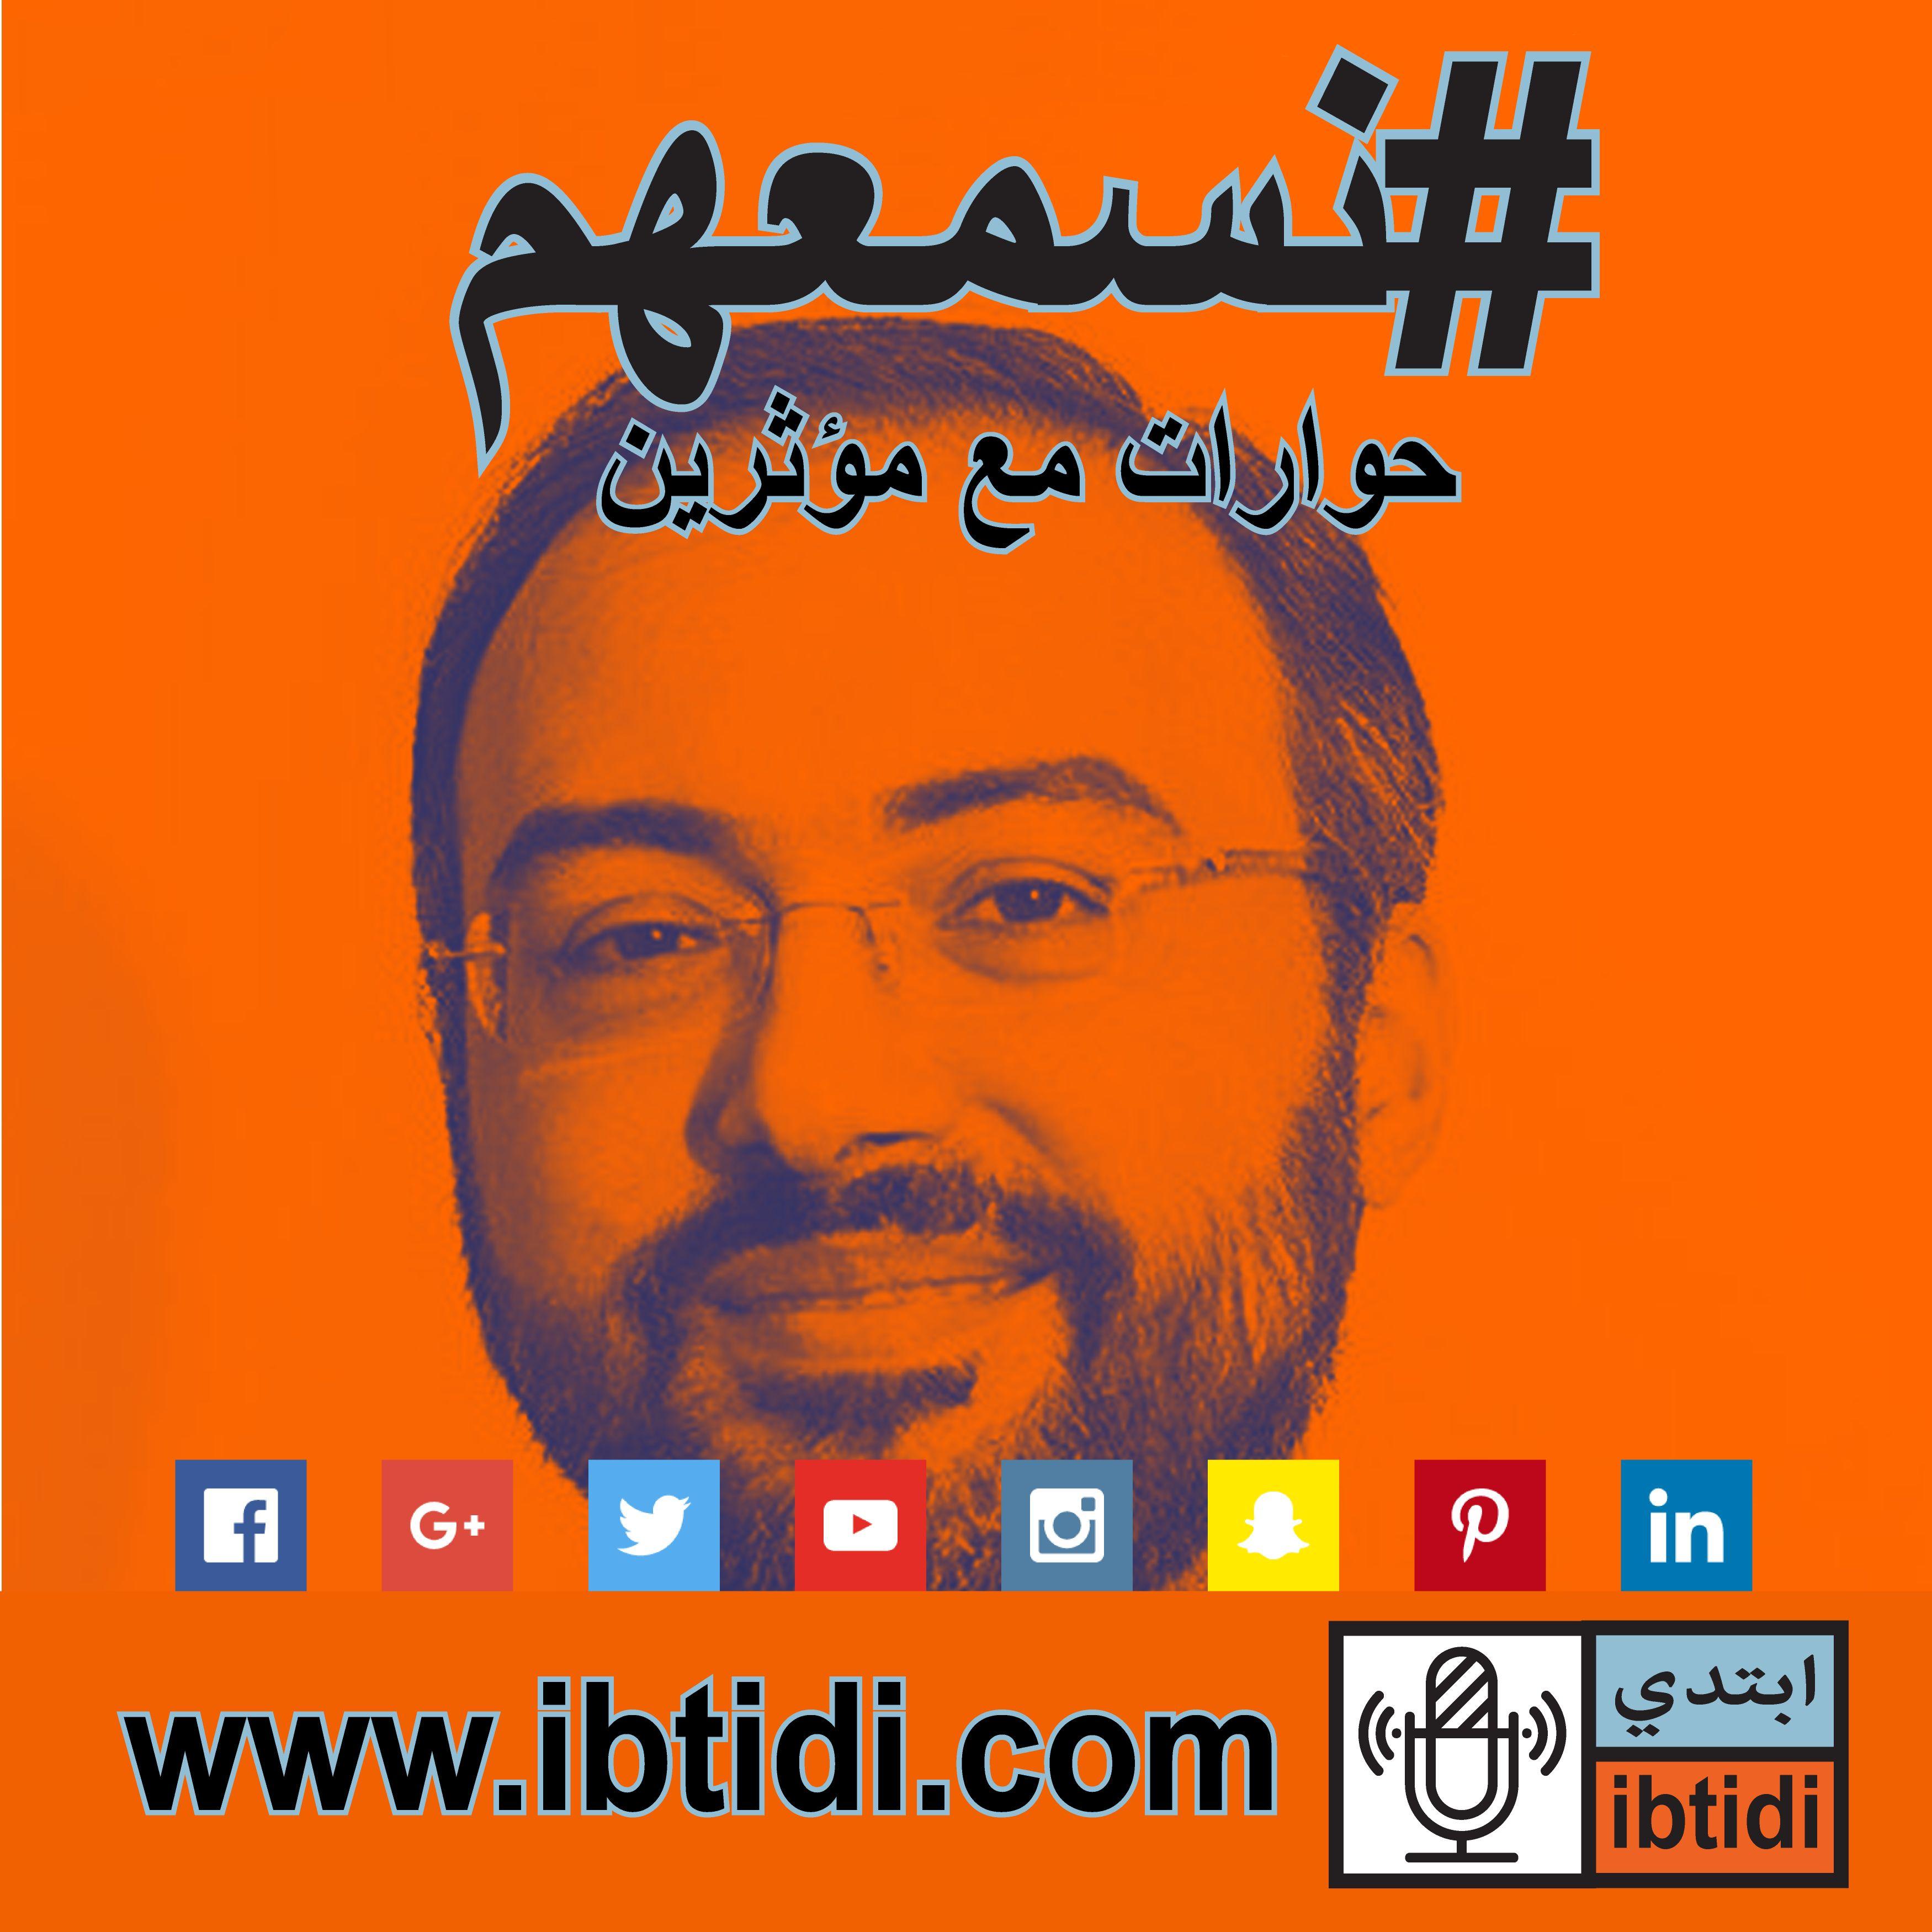 برنامج #نسمعهم - حلقة ٠٢٠- إياد البغدادي - الطغاة والغلاة والغزاة في انتظار البجعة السوداء.